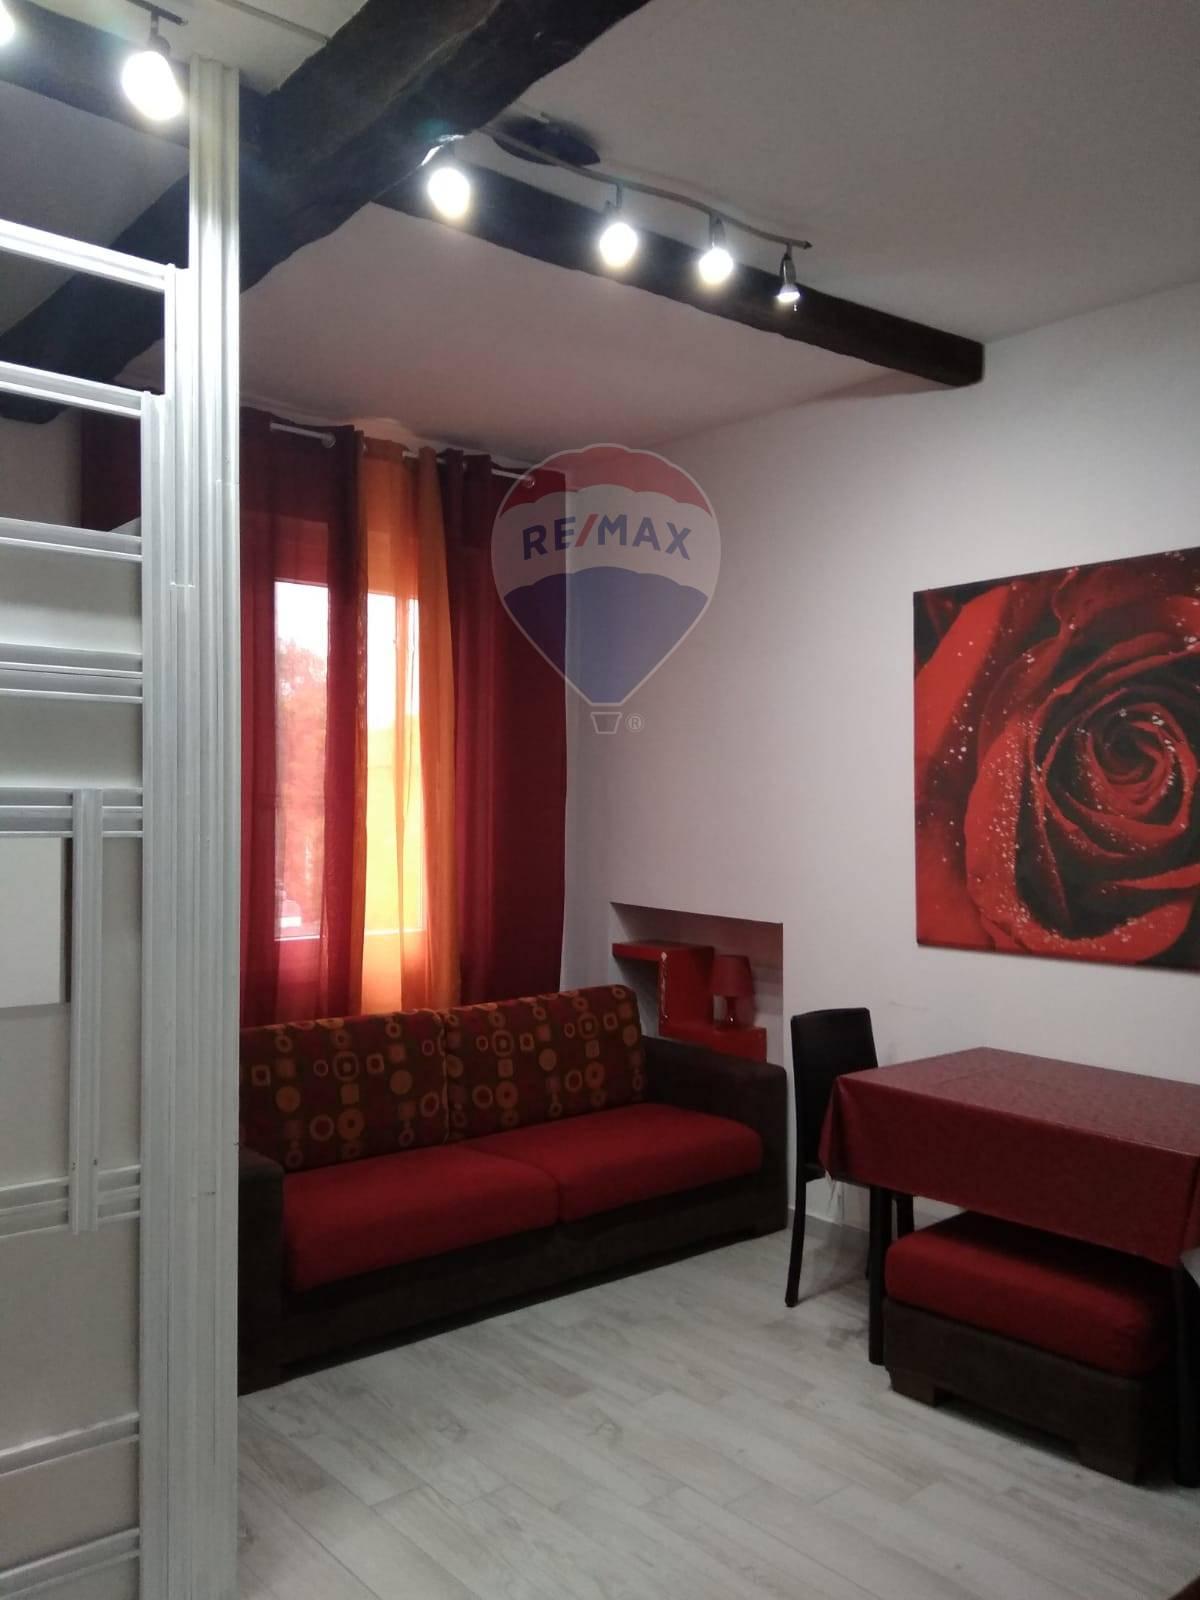 Appartamento in vendita a Magenta, 1 locali, zona Zona: Pontevecchio, prezzo € 56.000   CambioCasa.it